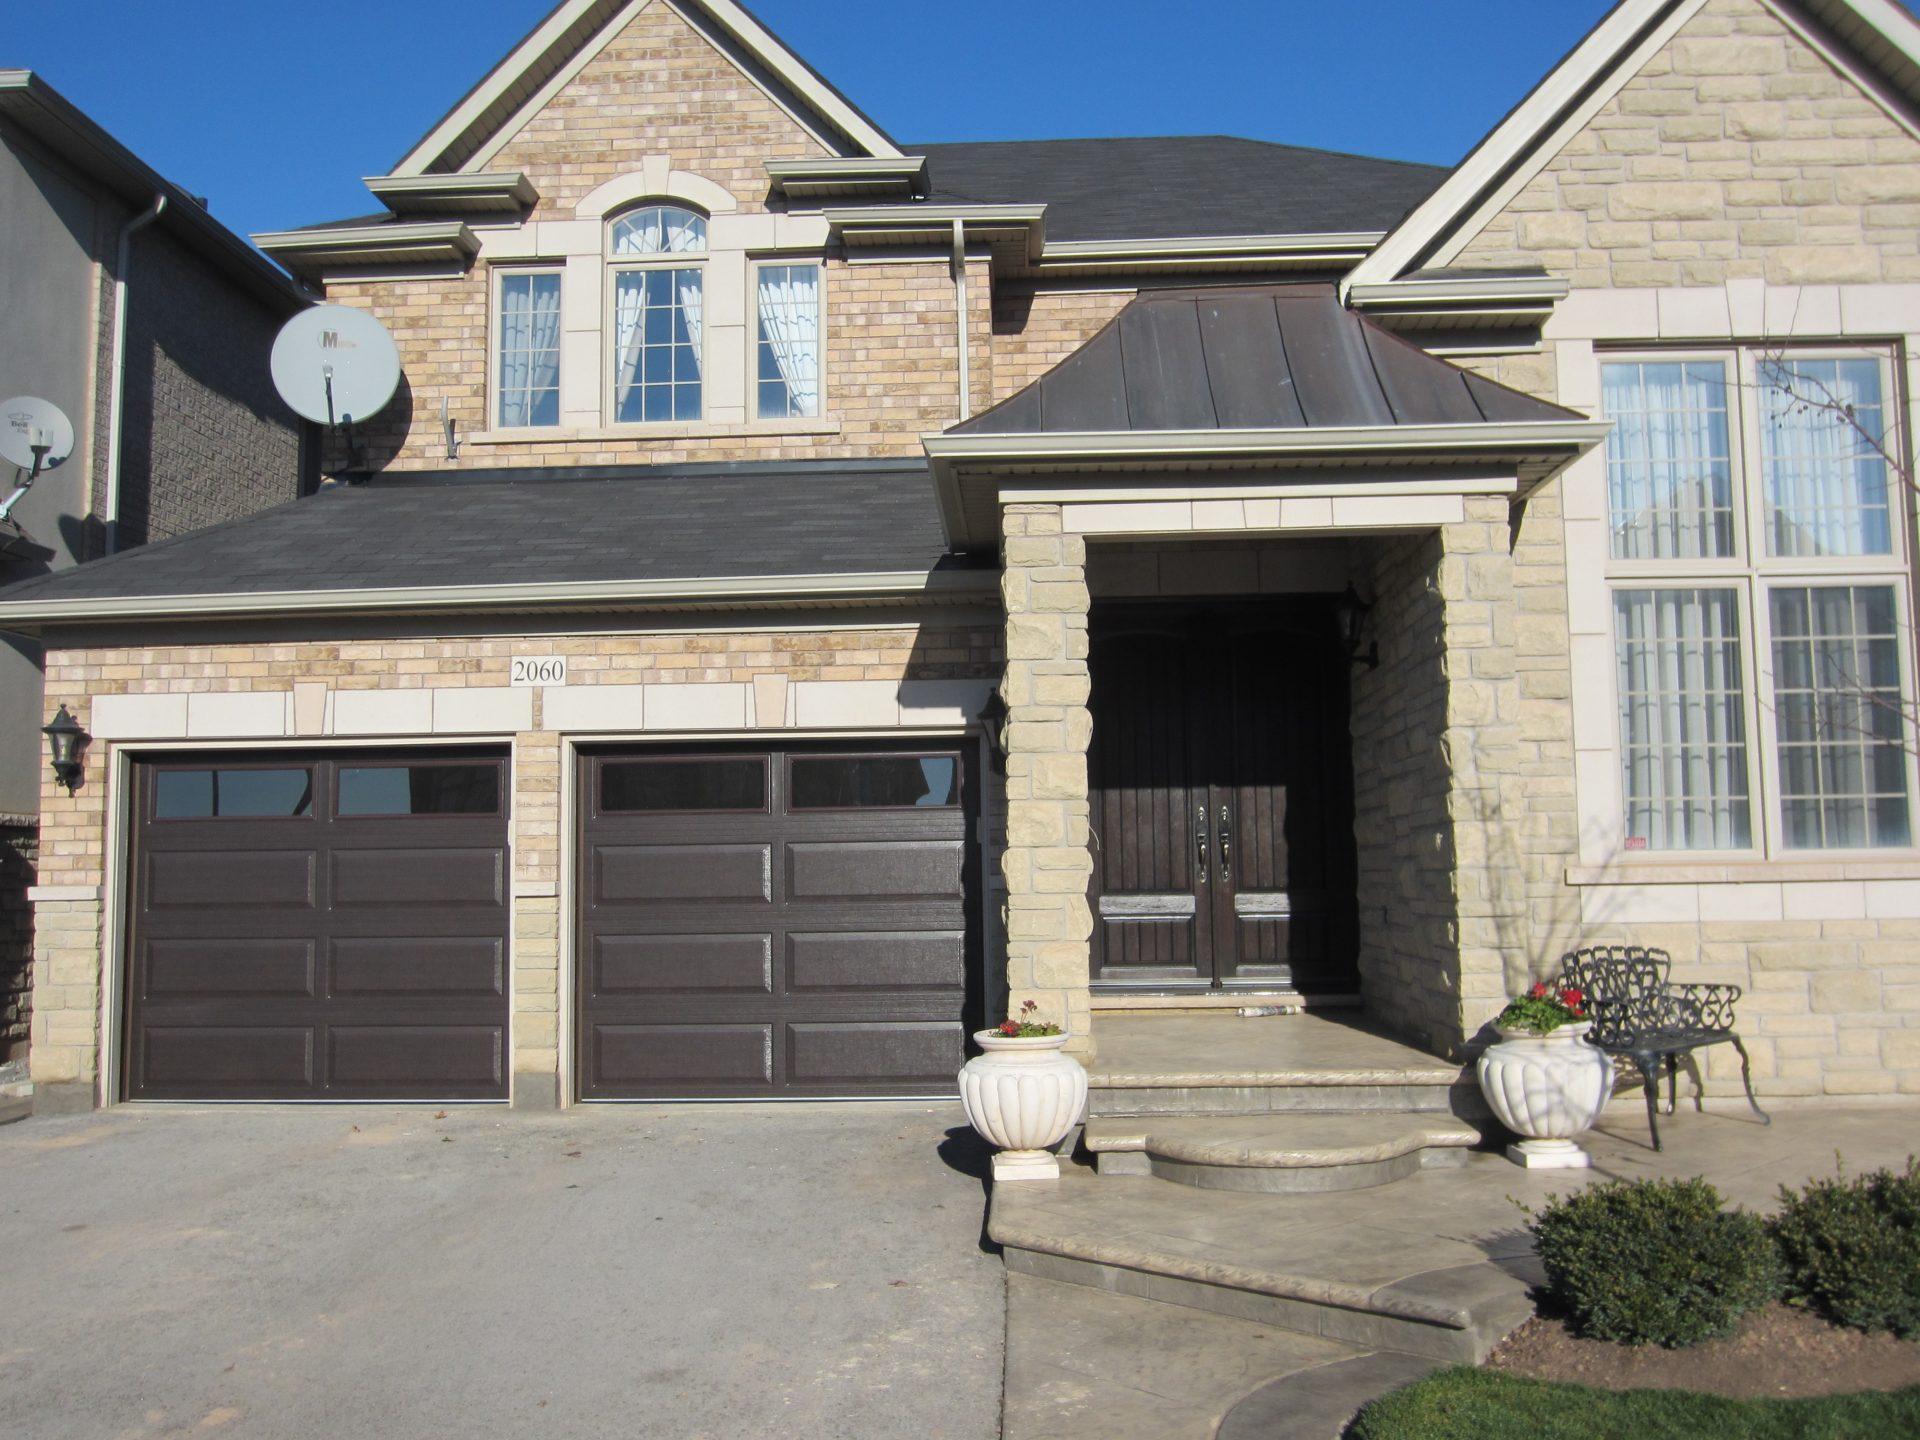 Full view of brown double garage door